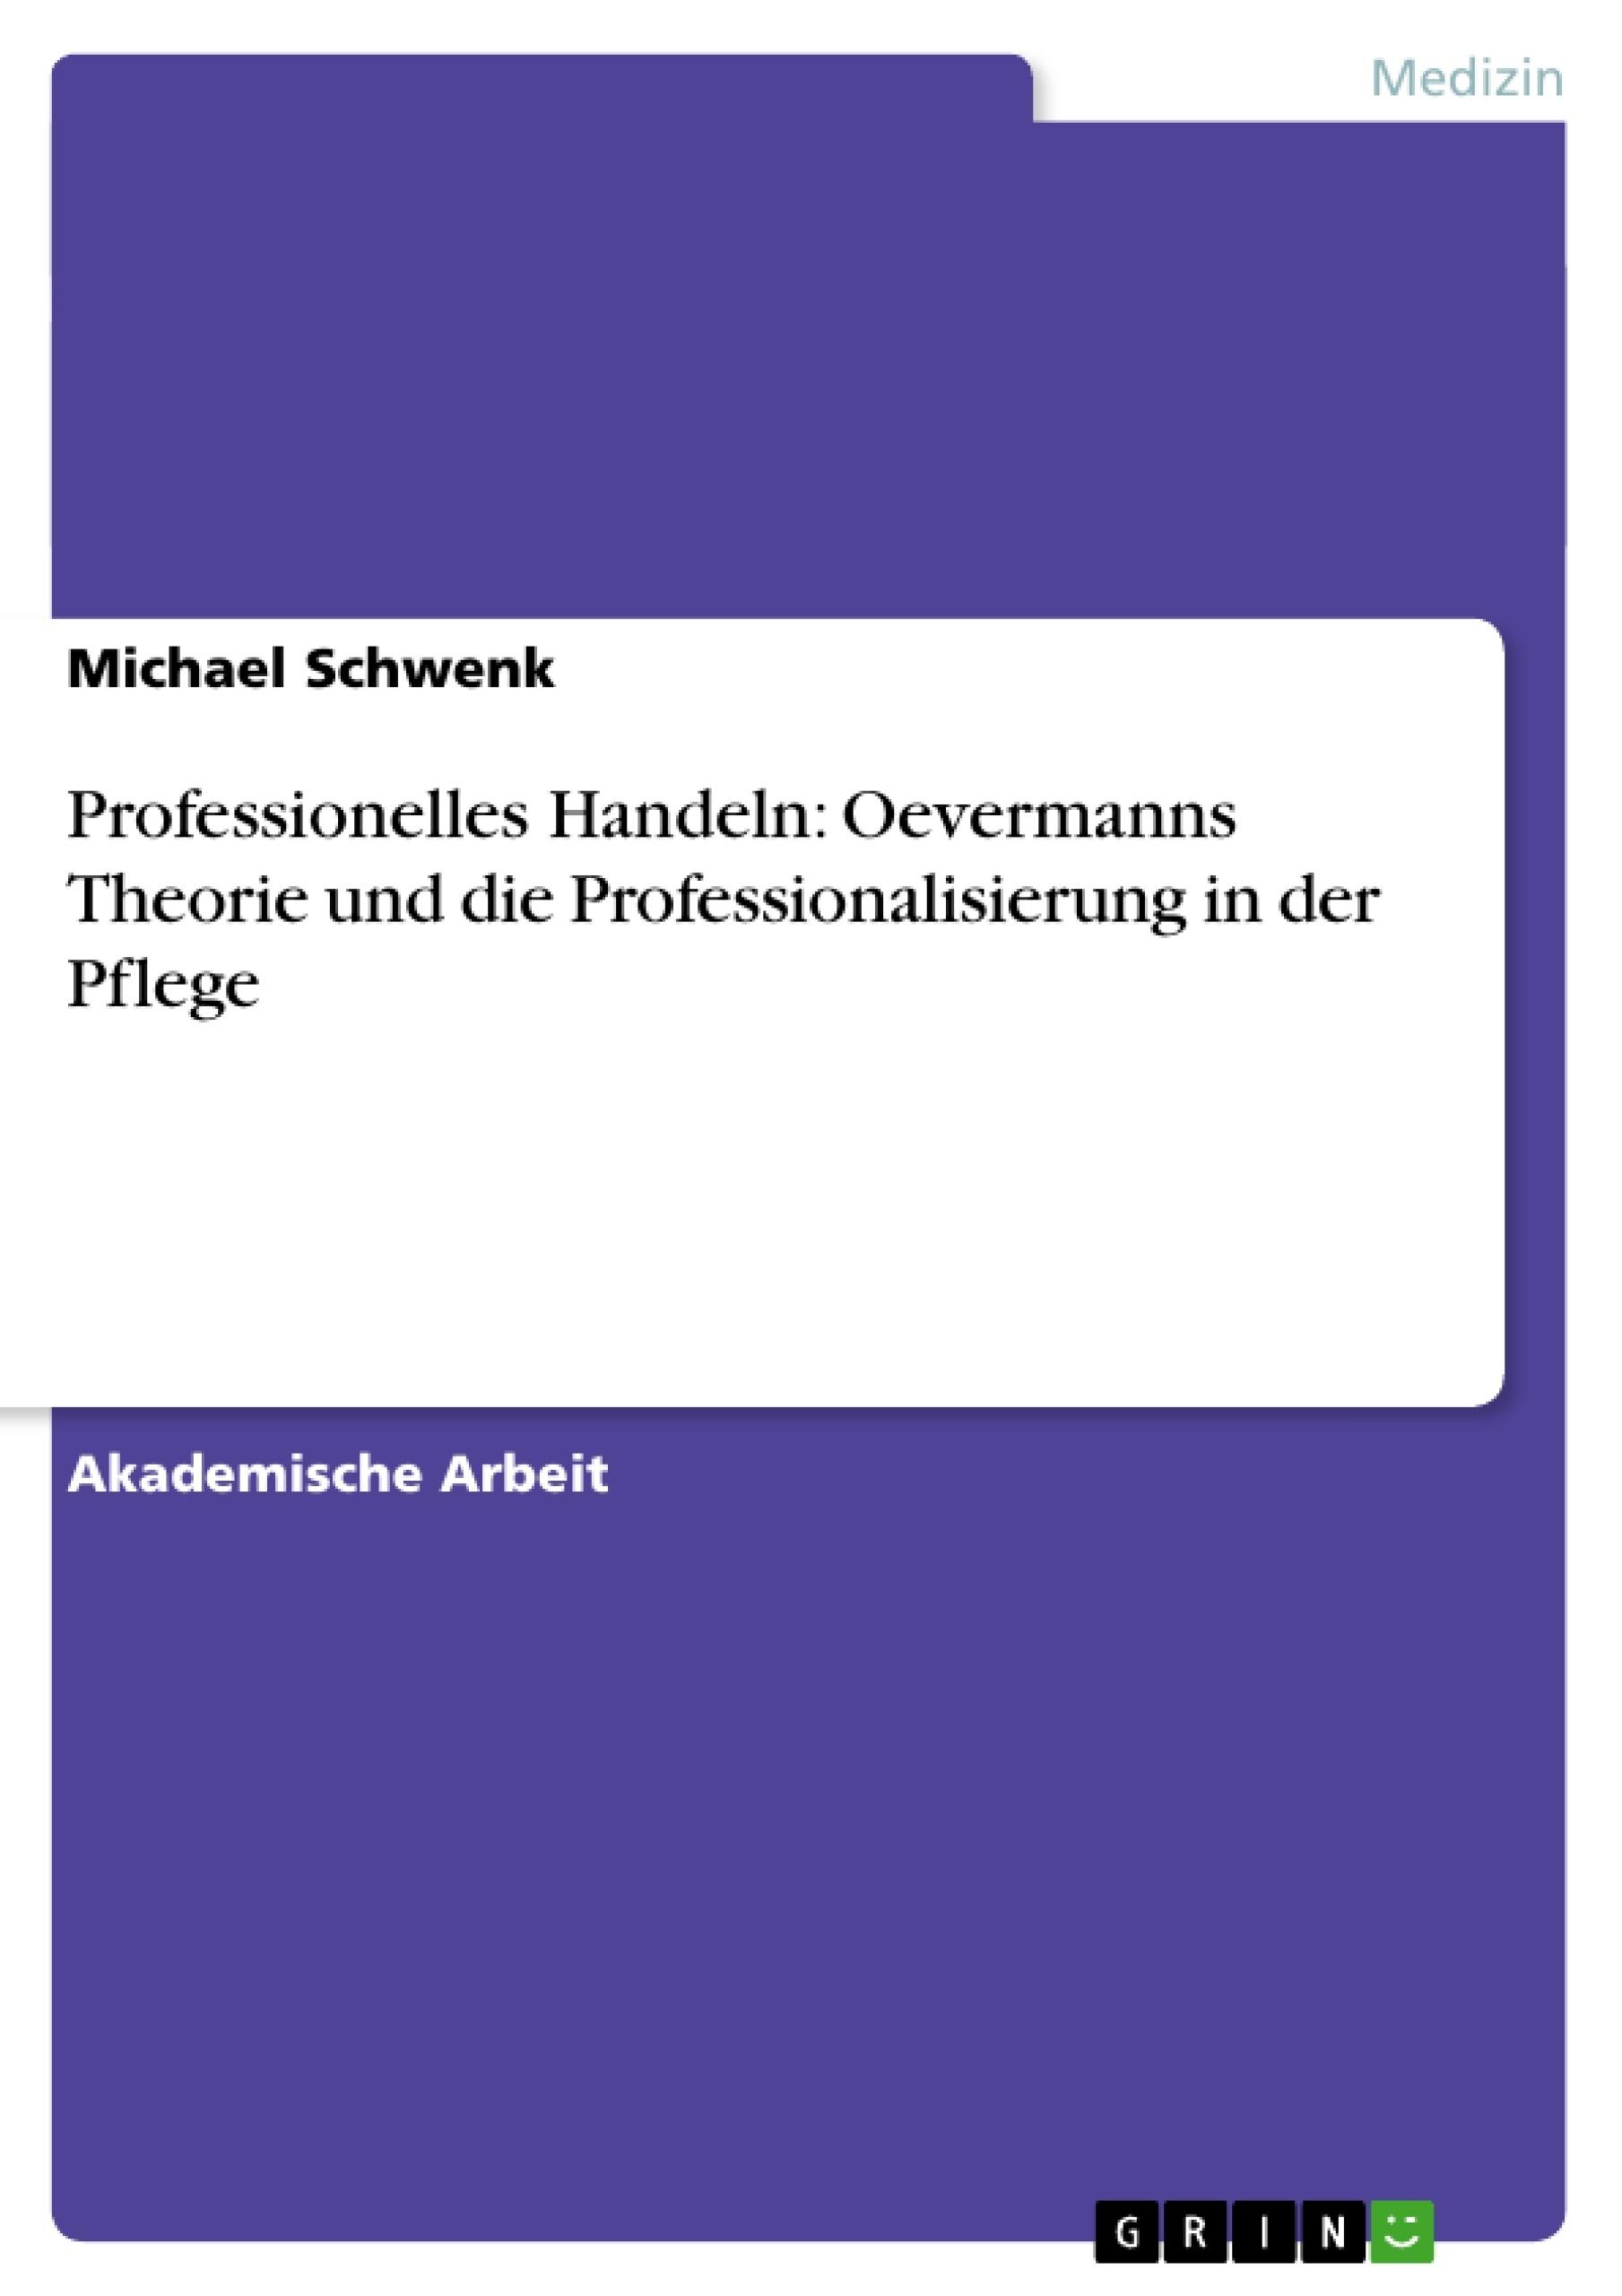 Titel: Professionelles Handeln: Oevermanns Theorie und die Professionalisierung in der Pflege